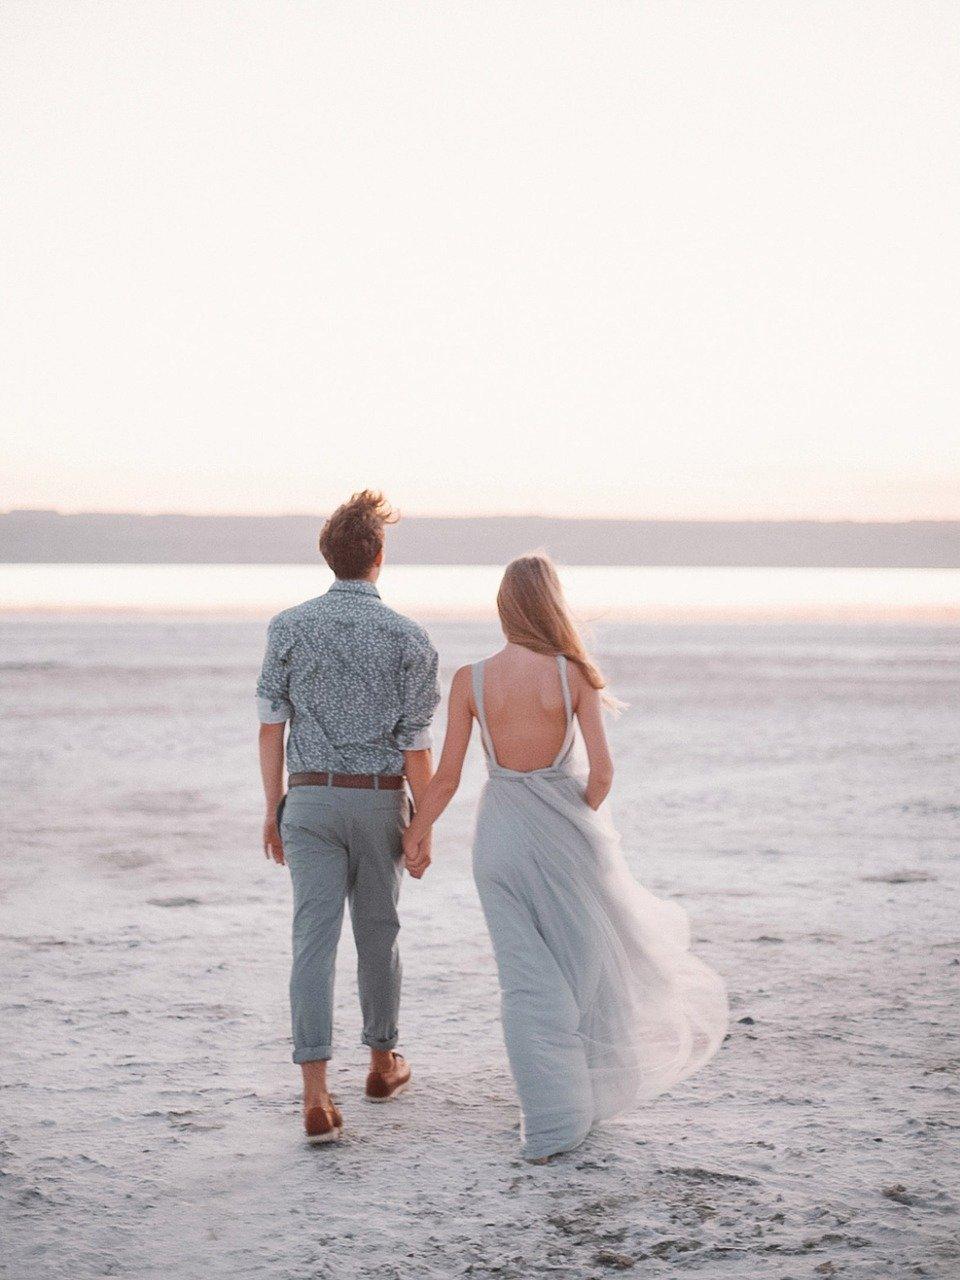 Verliebtheit erkennen - (25)